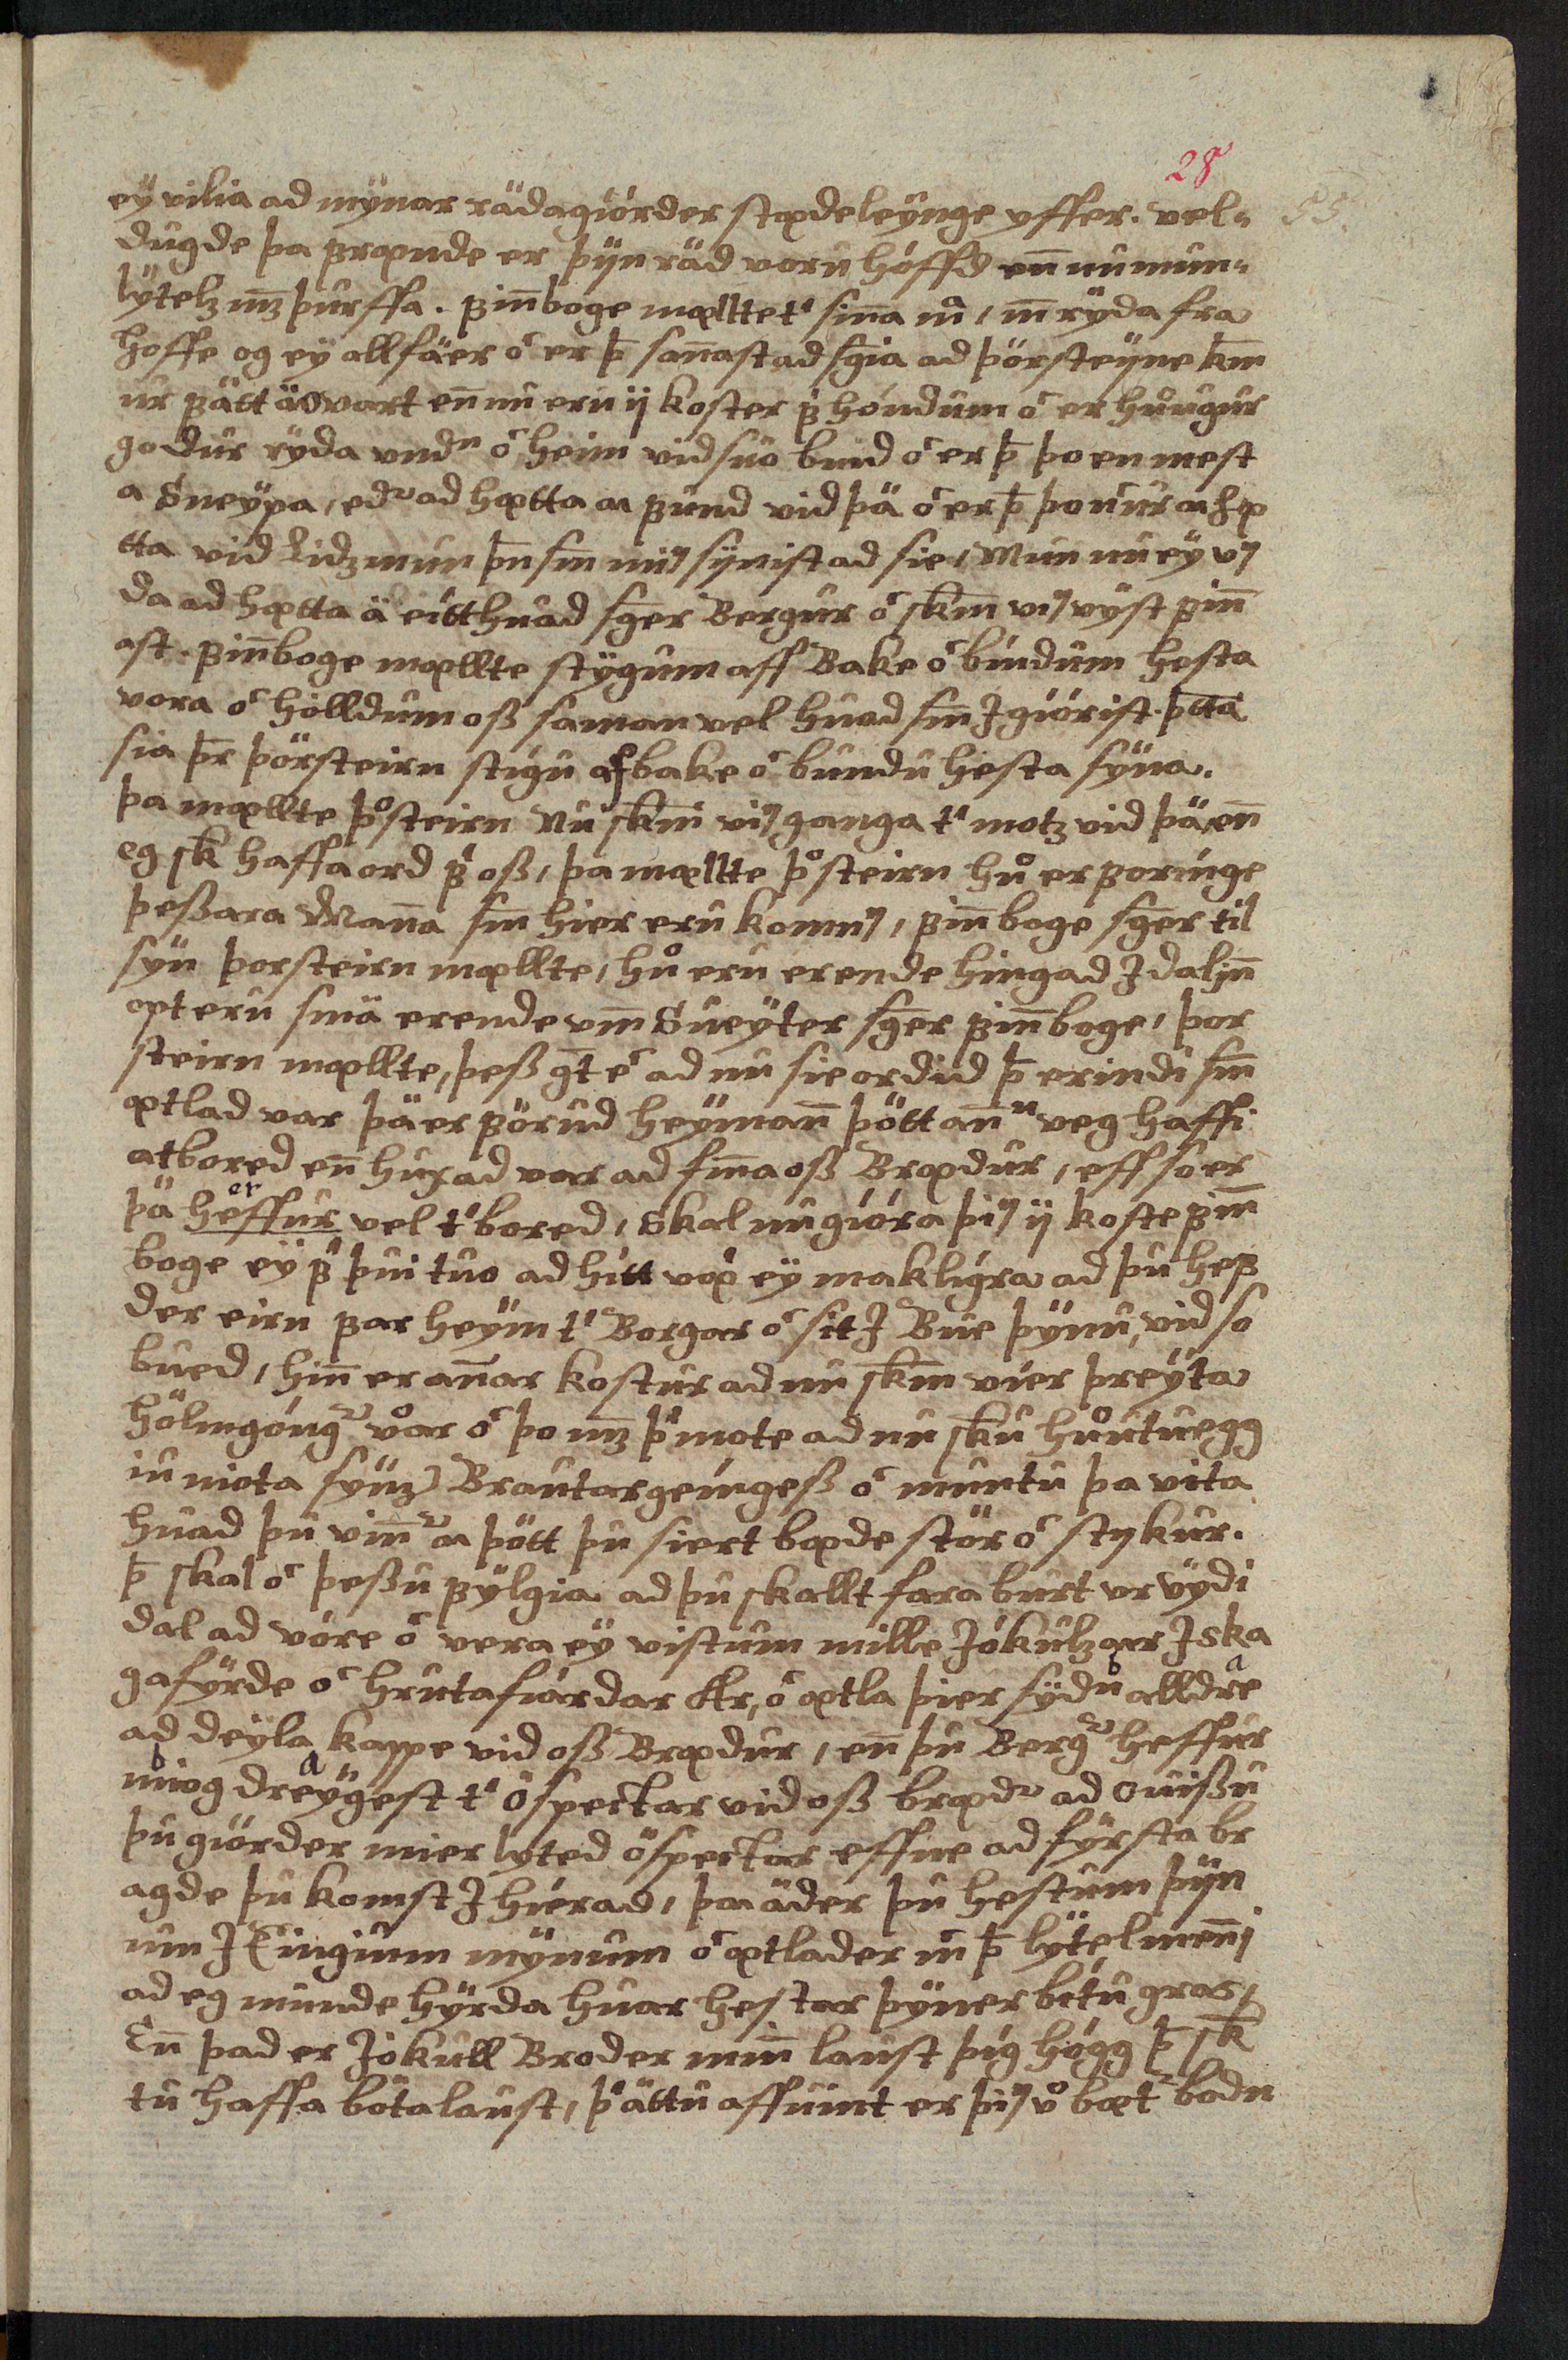 AM 138 fol - 28r